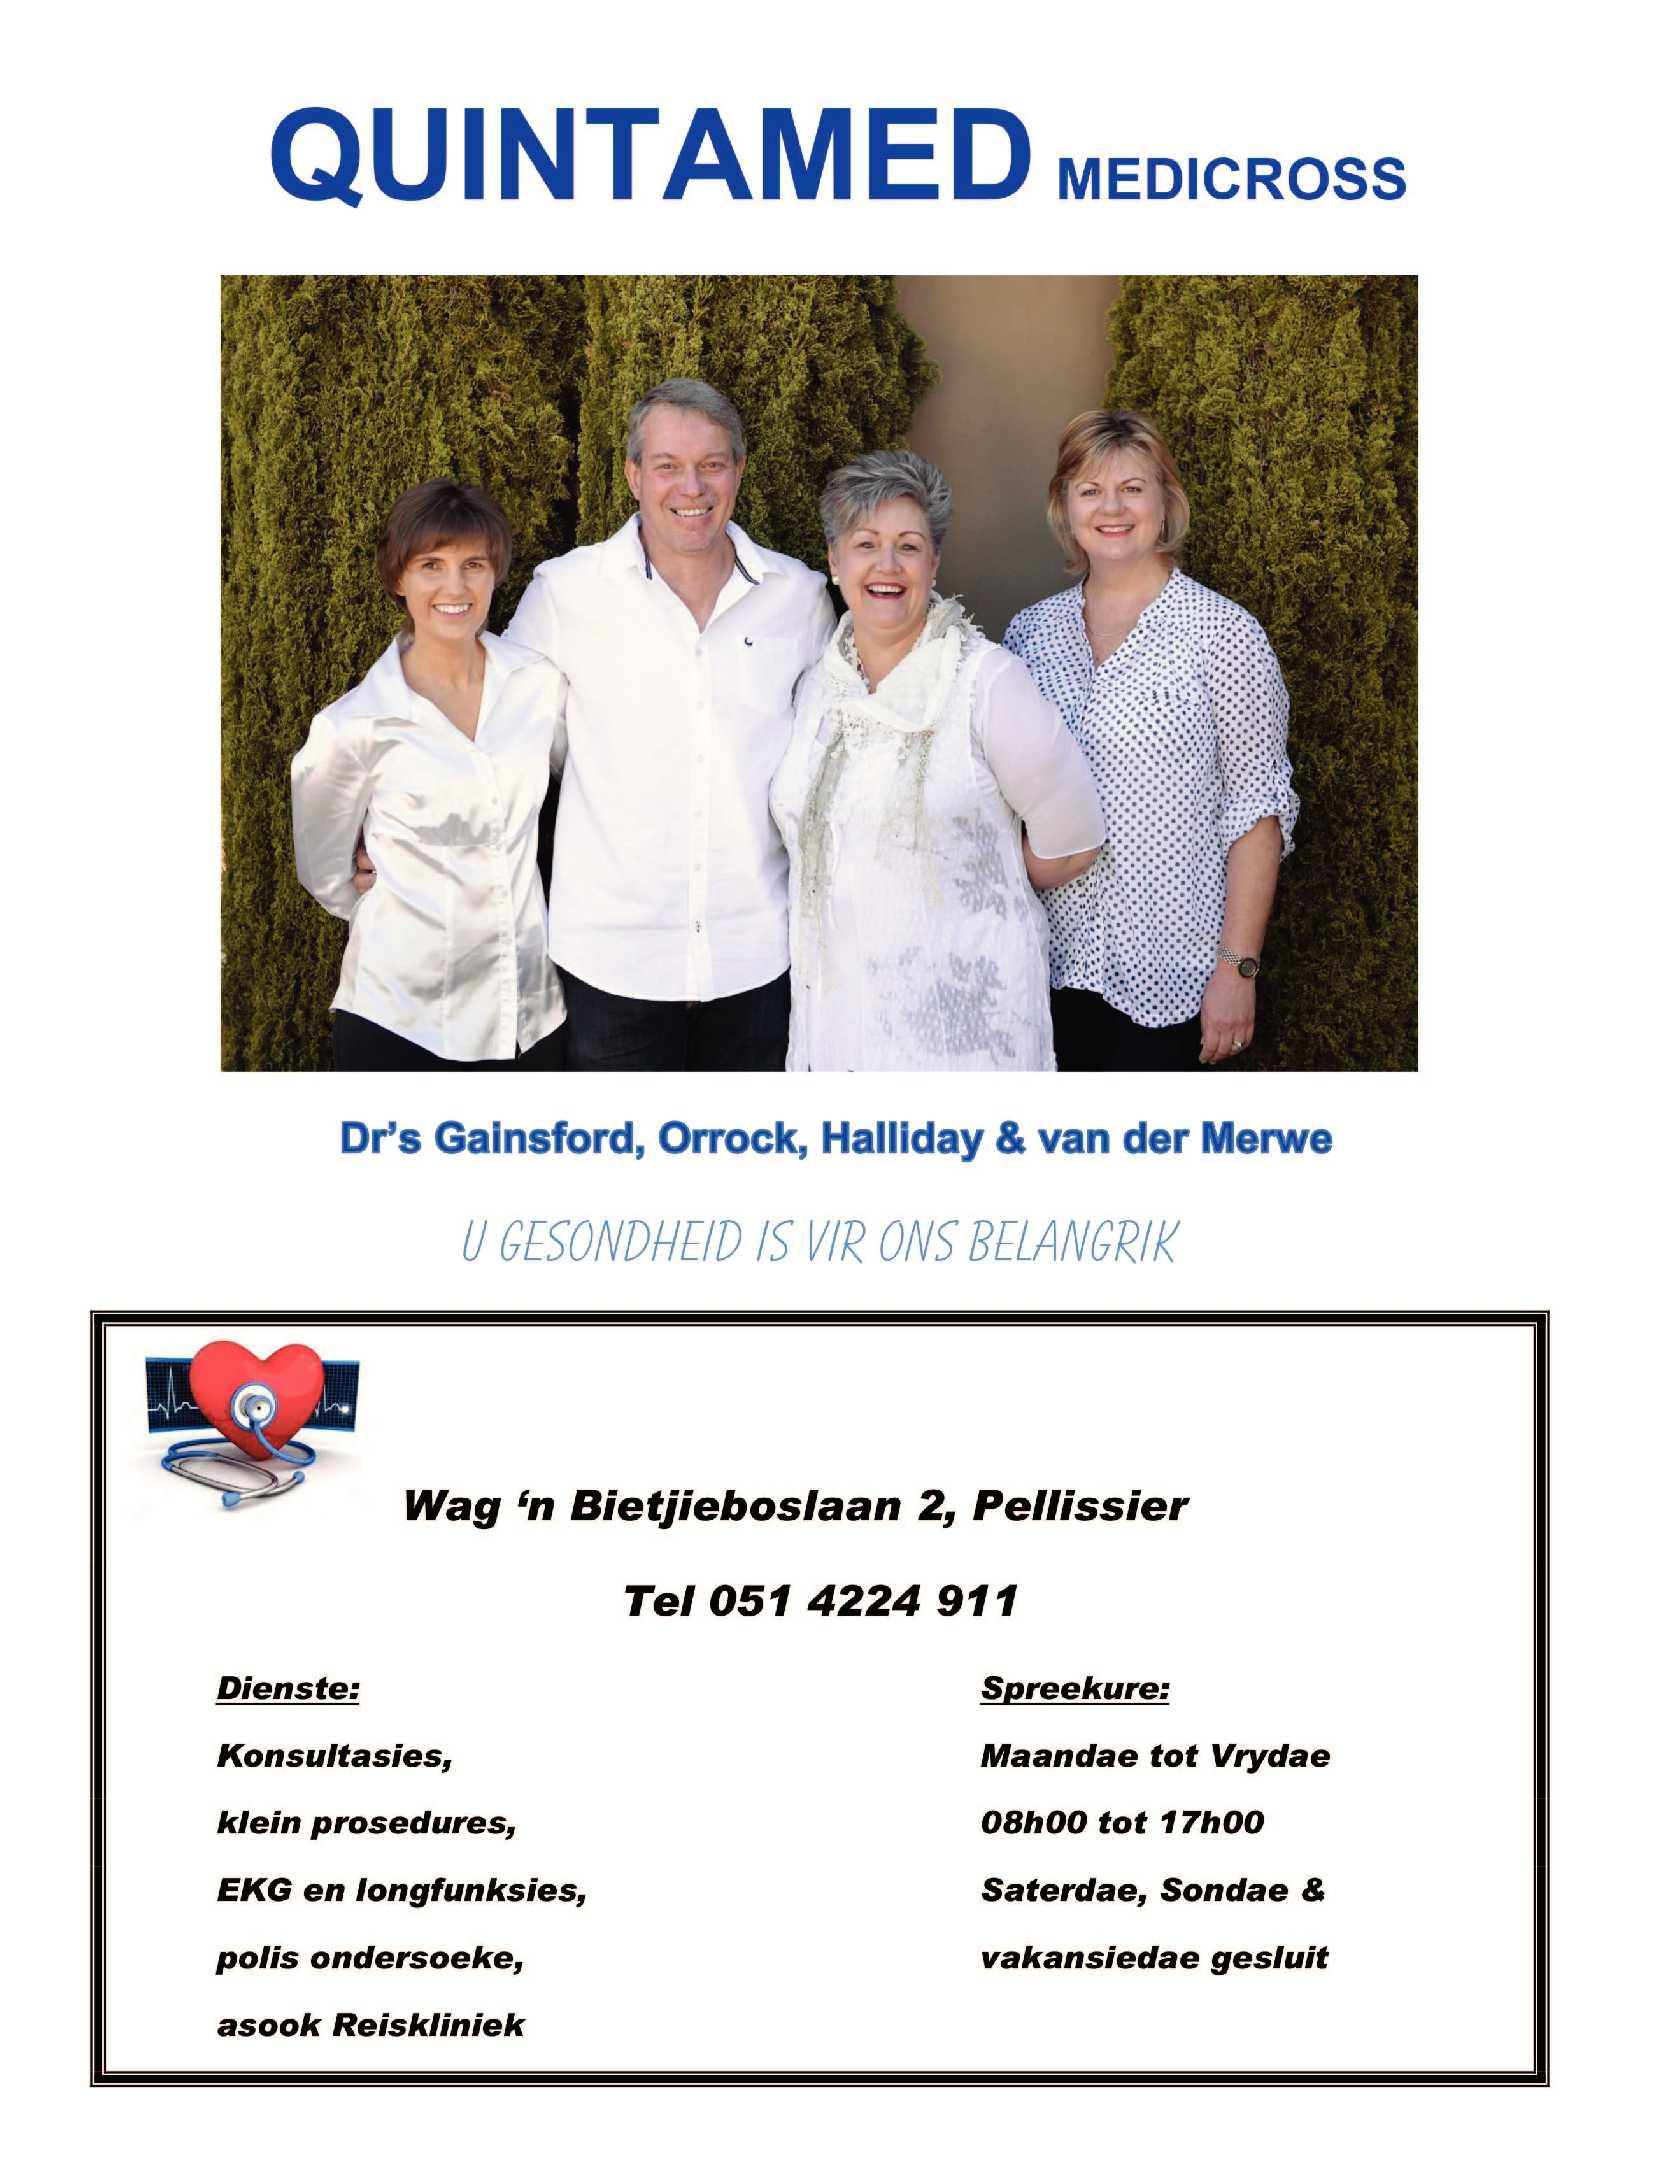 get-bloemfontein-august-2017-epapers-page-48